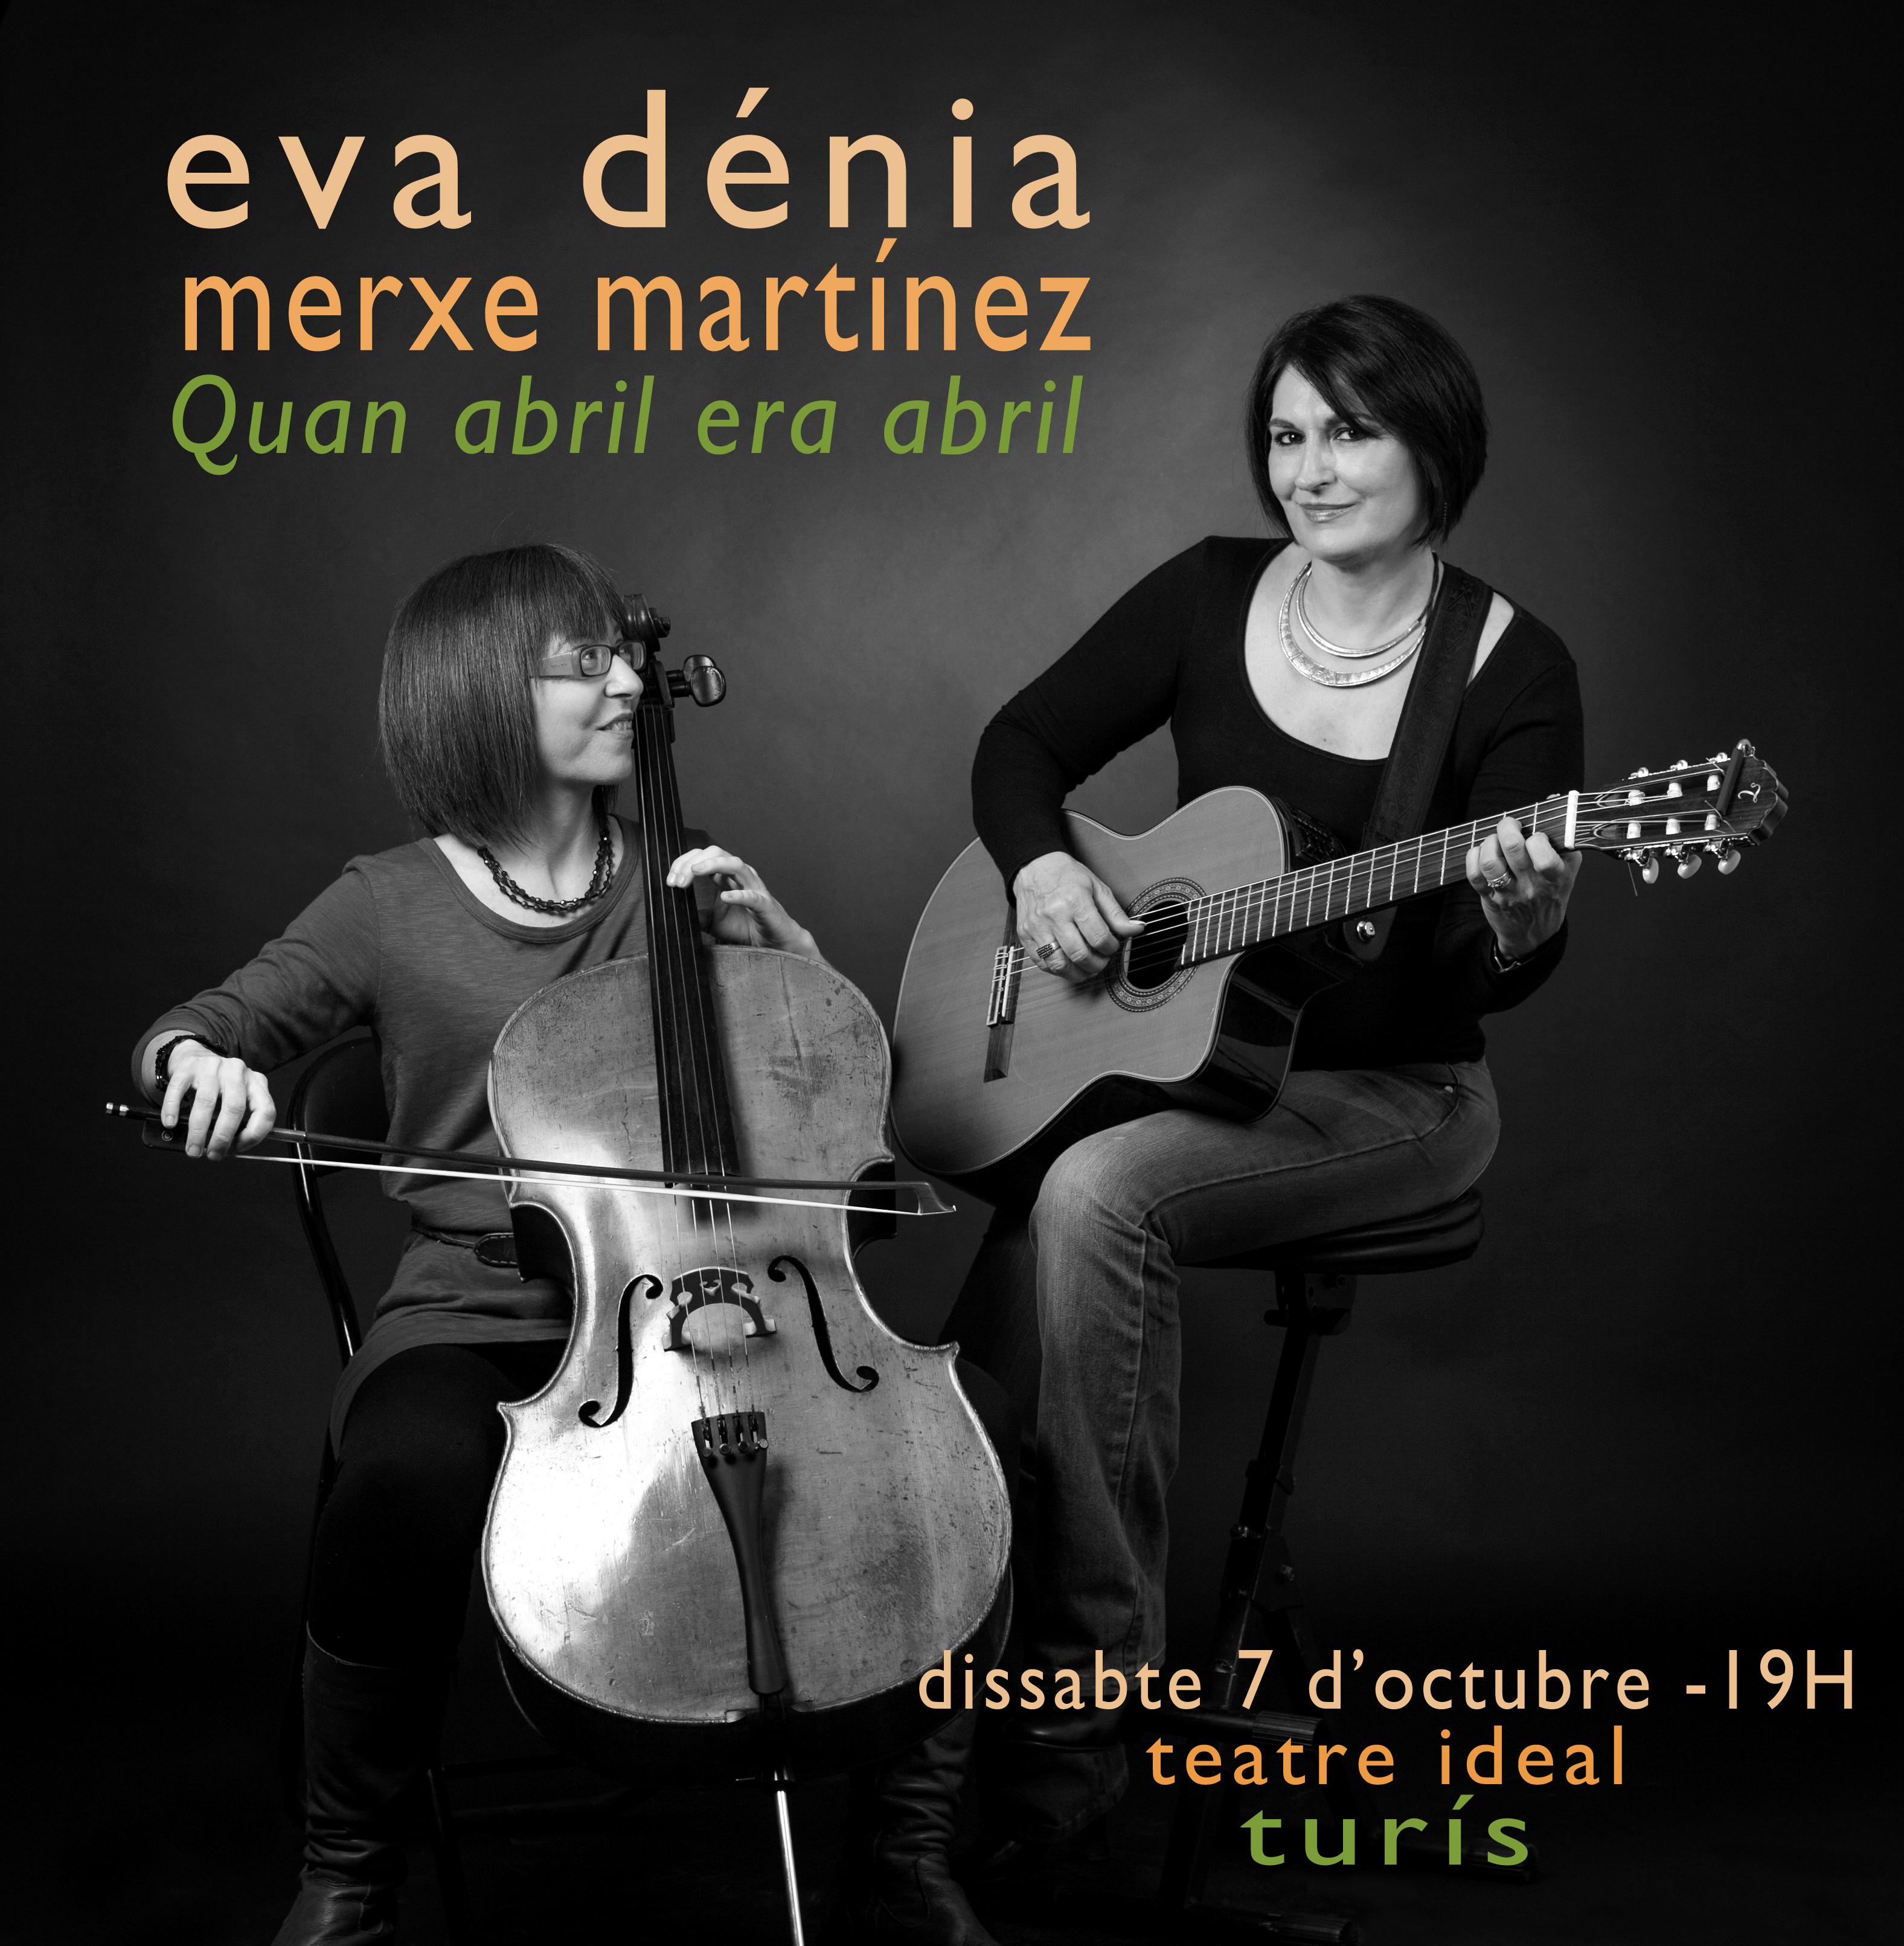 """Concierto """"Quan abril era abril"""", de Eva Dénia y Merxe Martínez."""